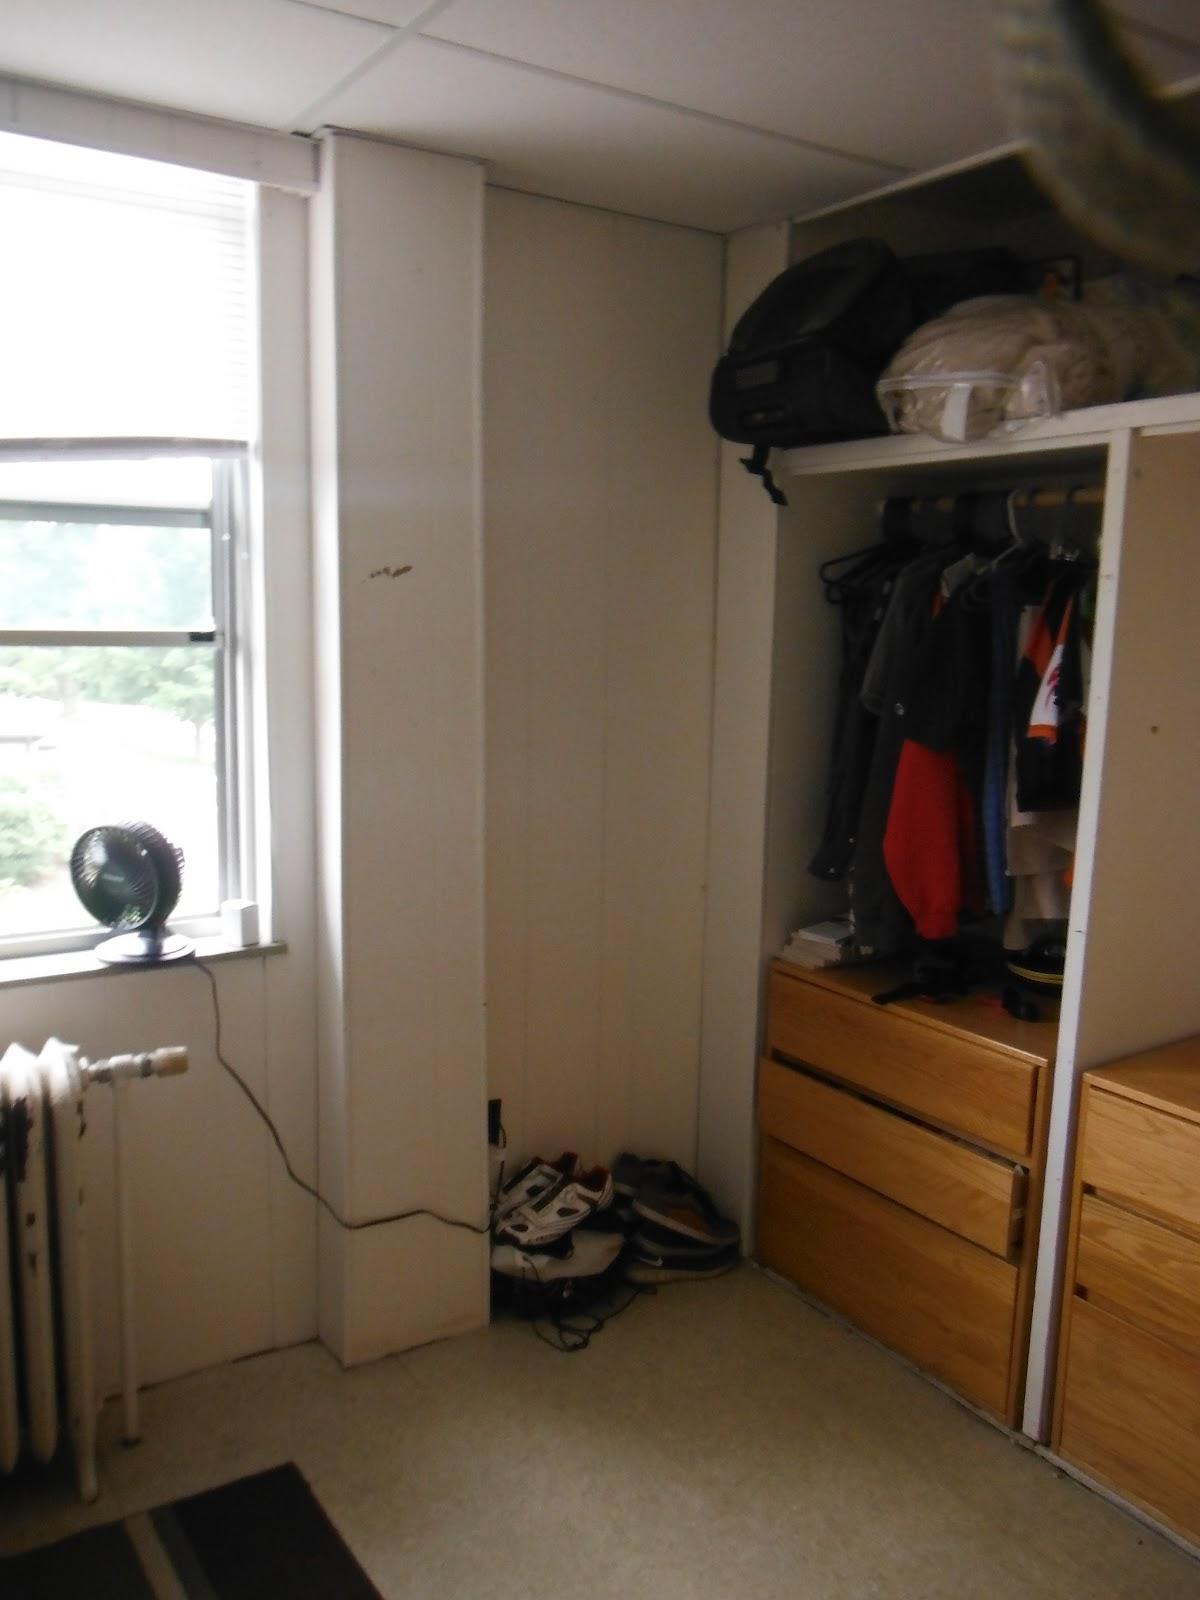 Dorm Room Closet: Training Blog: Dorm Room